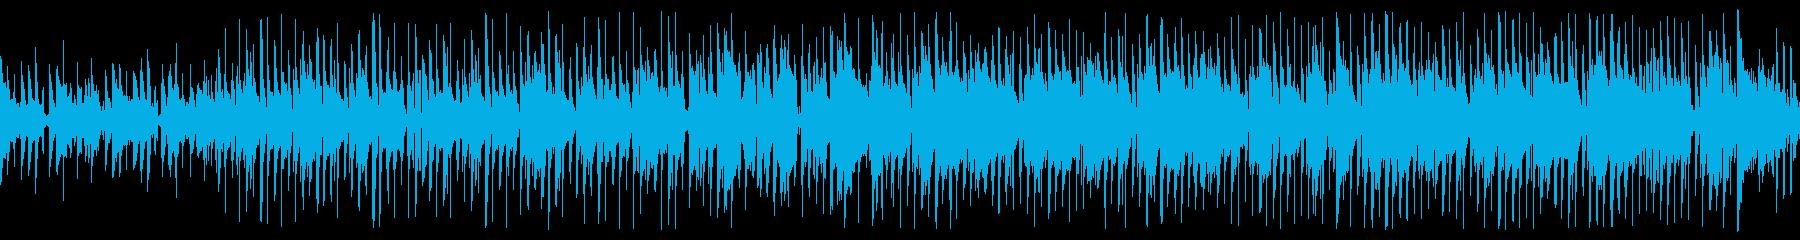 ループ済アコギが可愛いSurfmusicの再生済みの波形